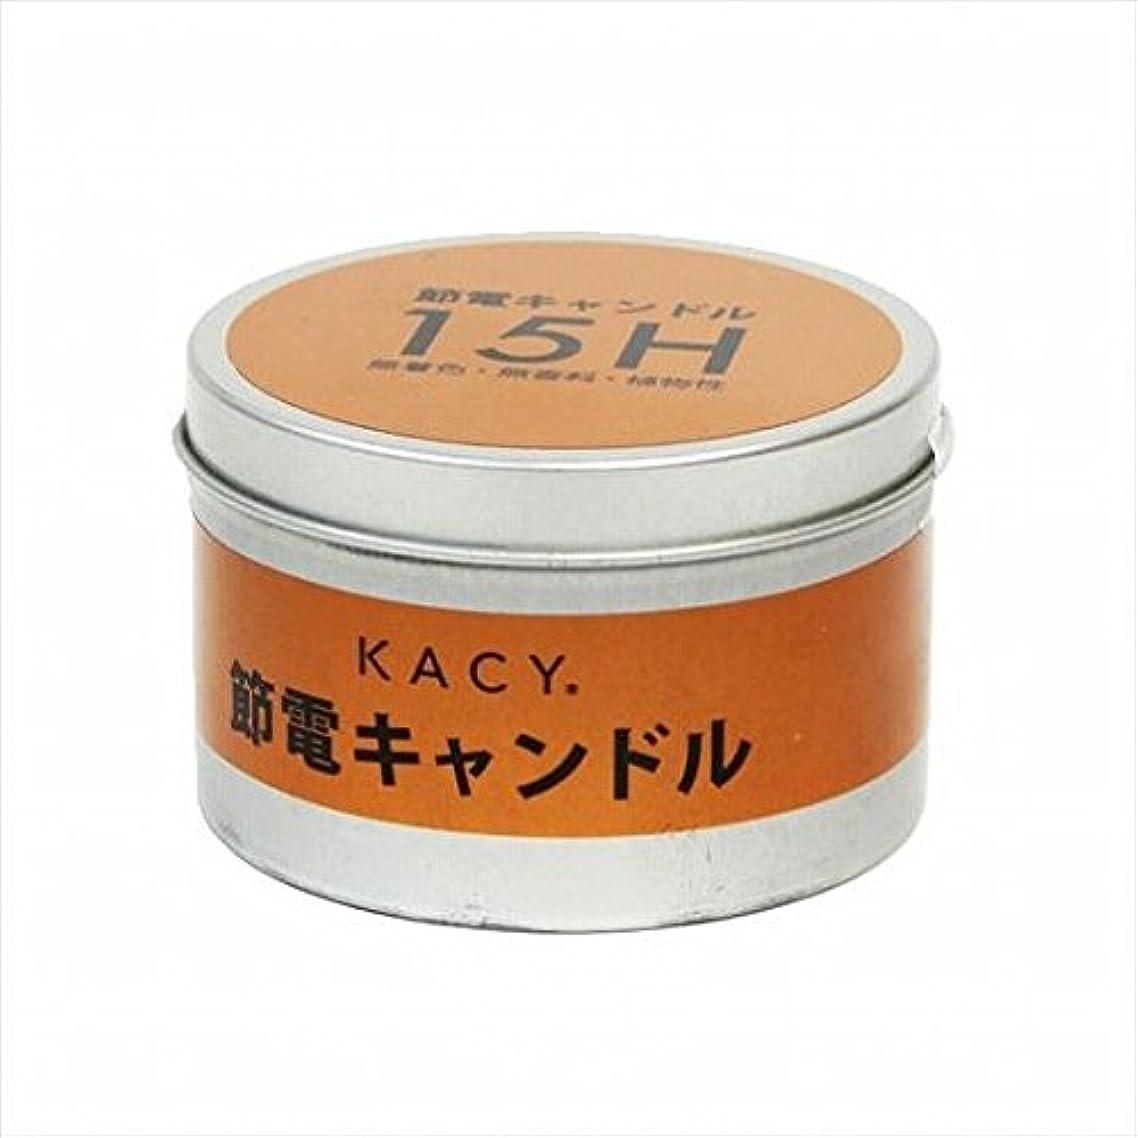 ルーフミュージカル小数kameyama candle(カメヤマキャンドル) 節電缶キャンドル15時間タイプ キャンドル 80x80x48mm (A9620000)